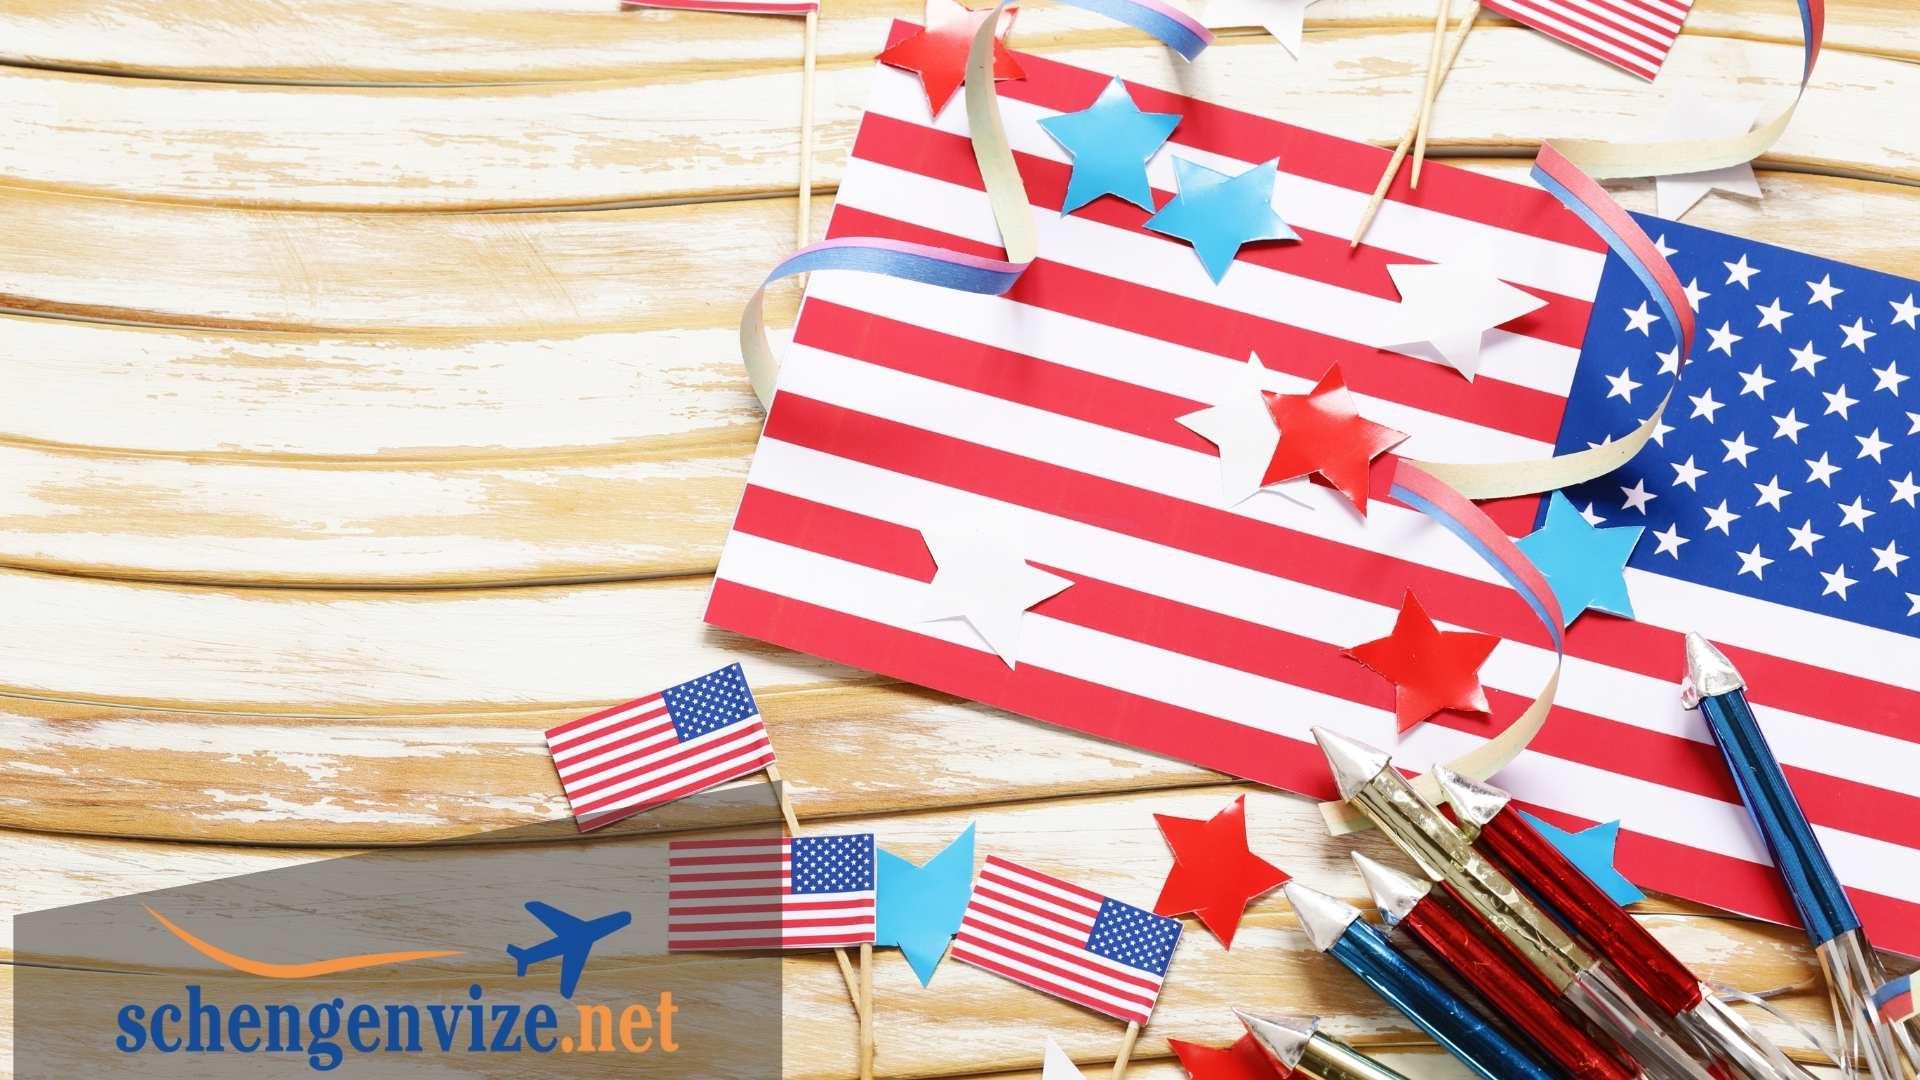 Amerika Öğrenci Vizesi Gerekli Evraklar